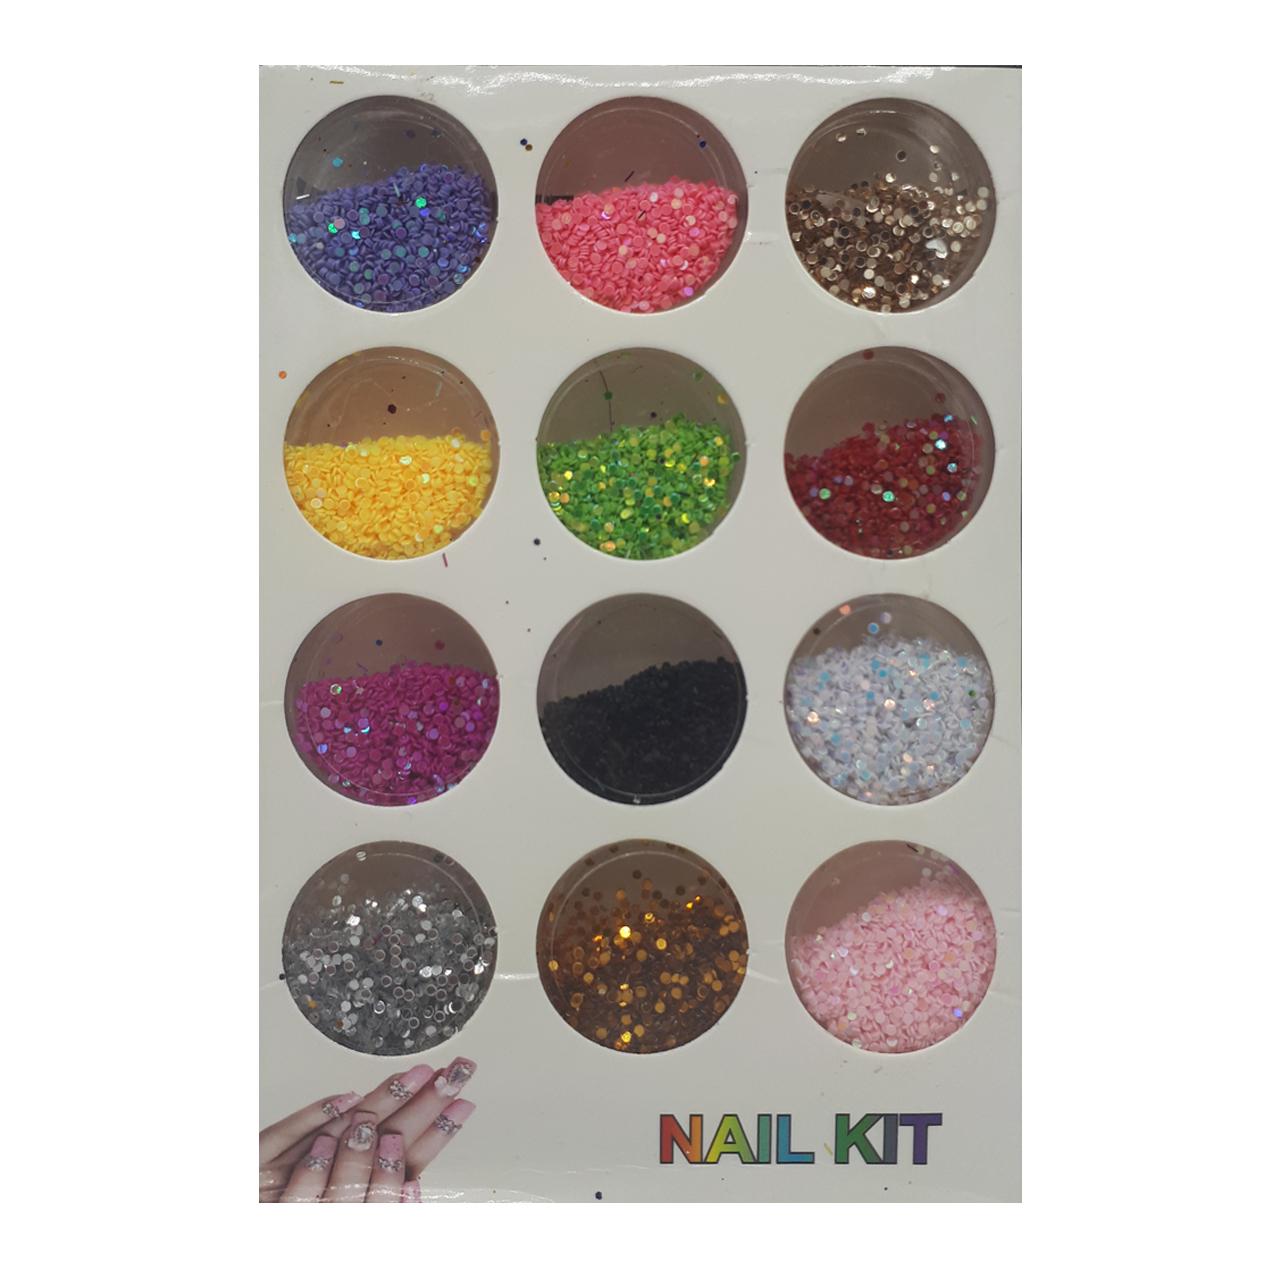 پک تزئین ناخن مدل Nail Kit-3 مجموعه 12 عددی